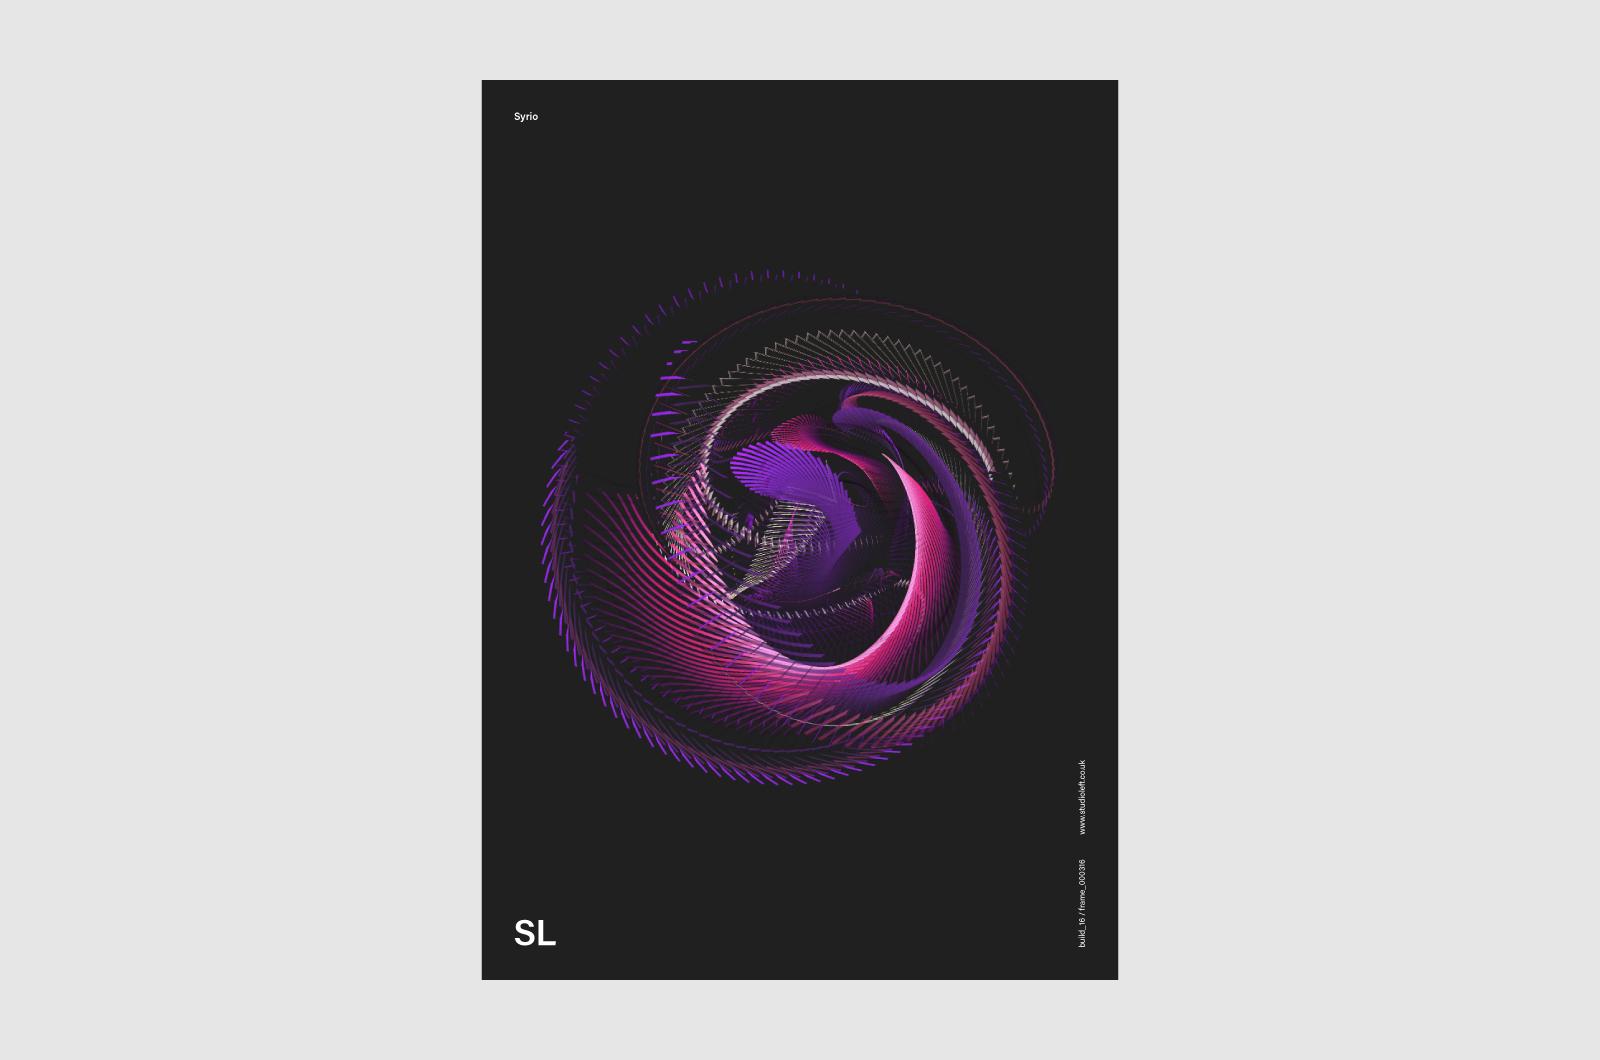 Syrio poster 05